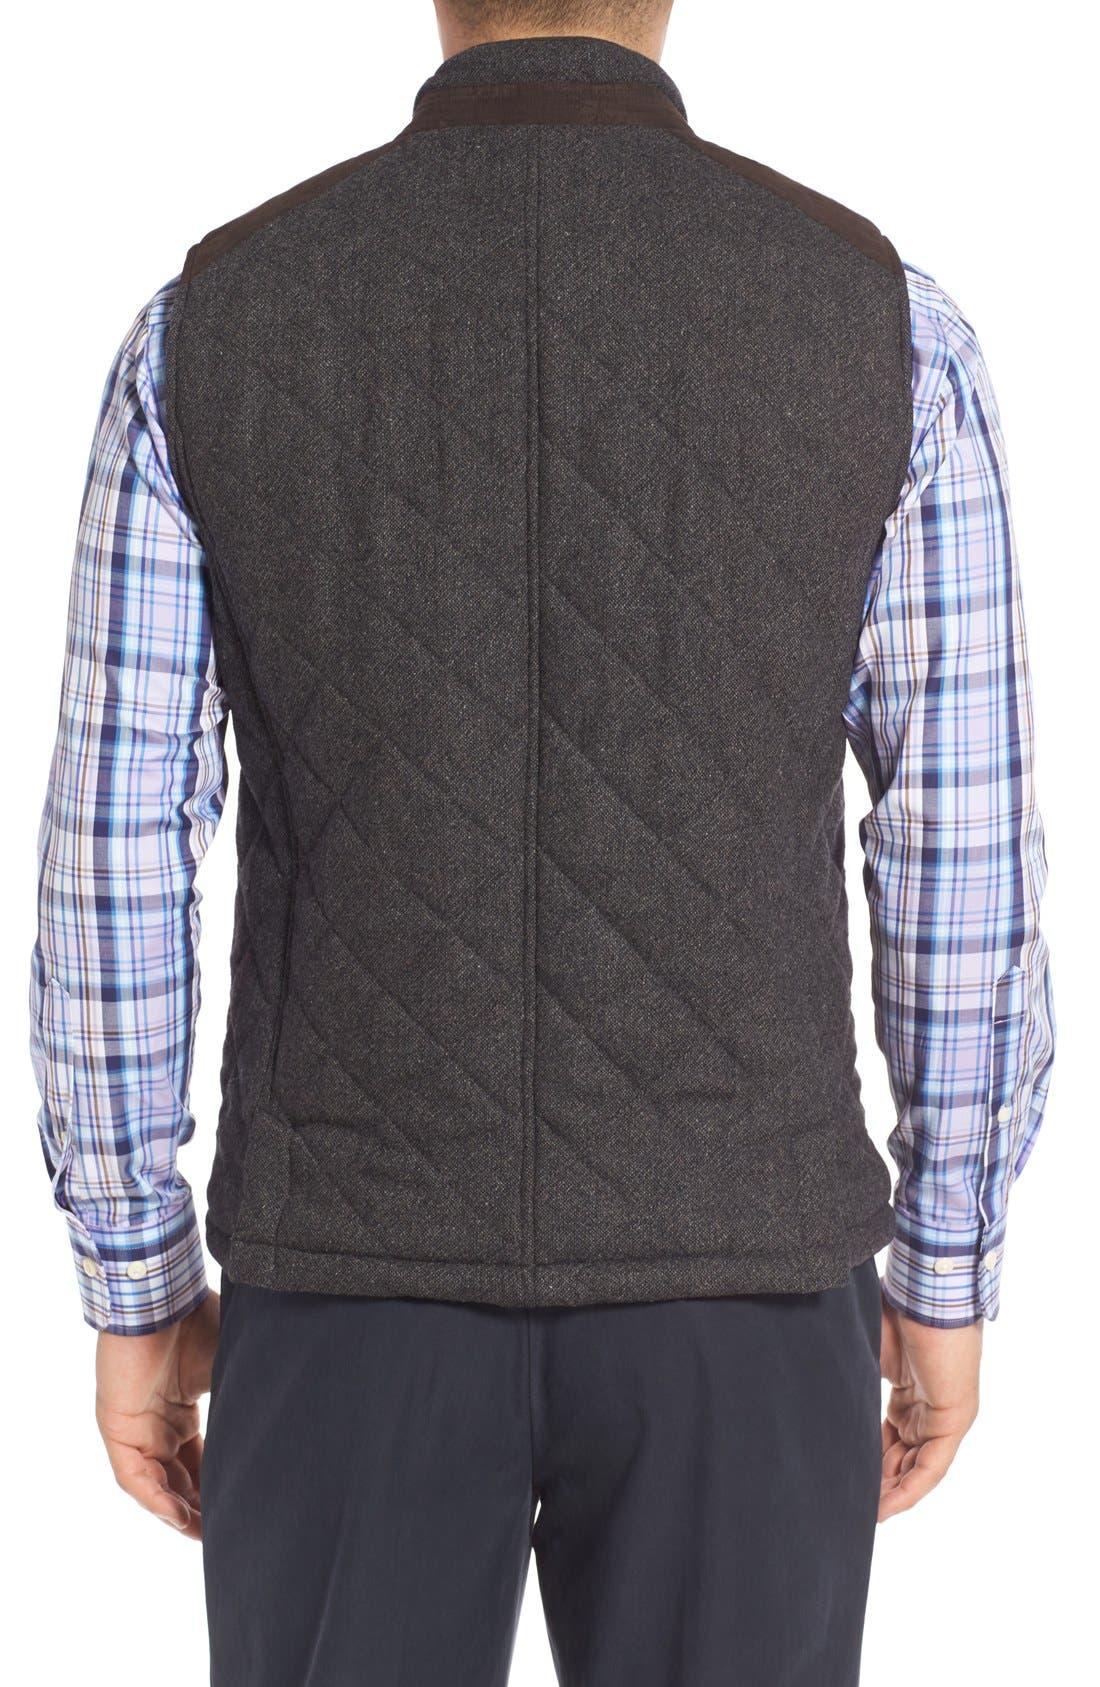 Alternate Image 2  - John W. Nordstrom Regular Fit Quilted Tweed Vest